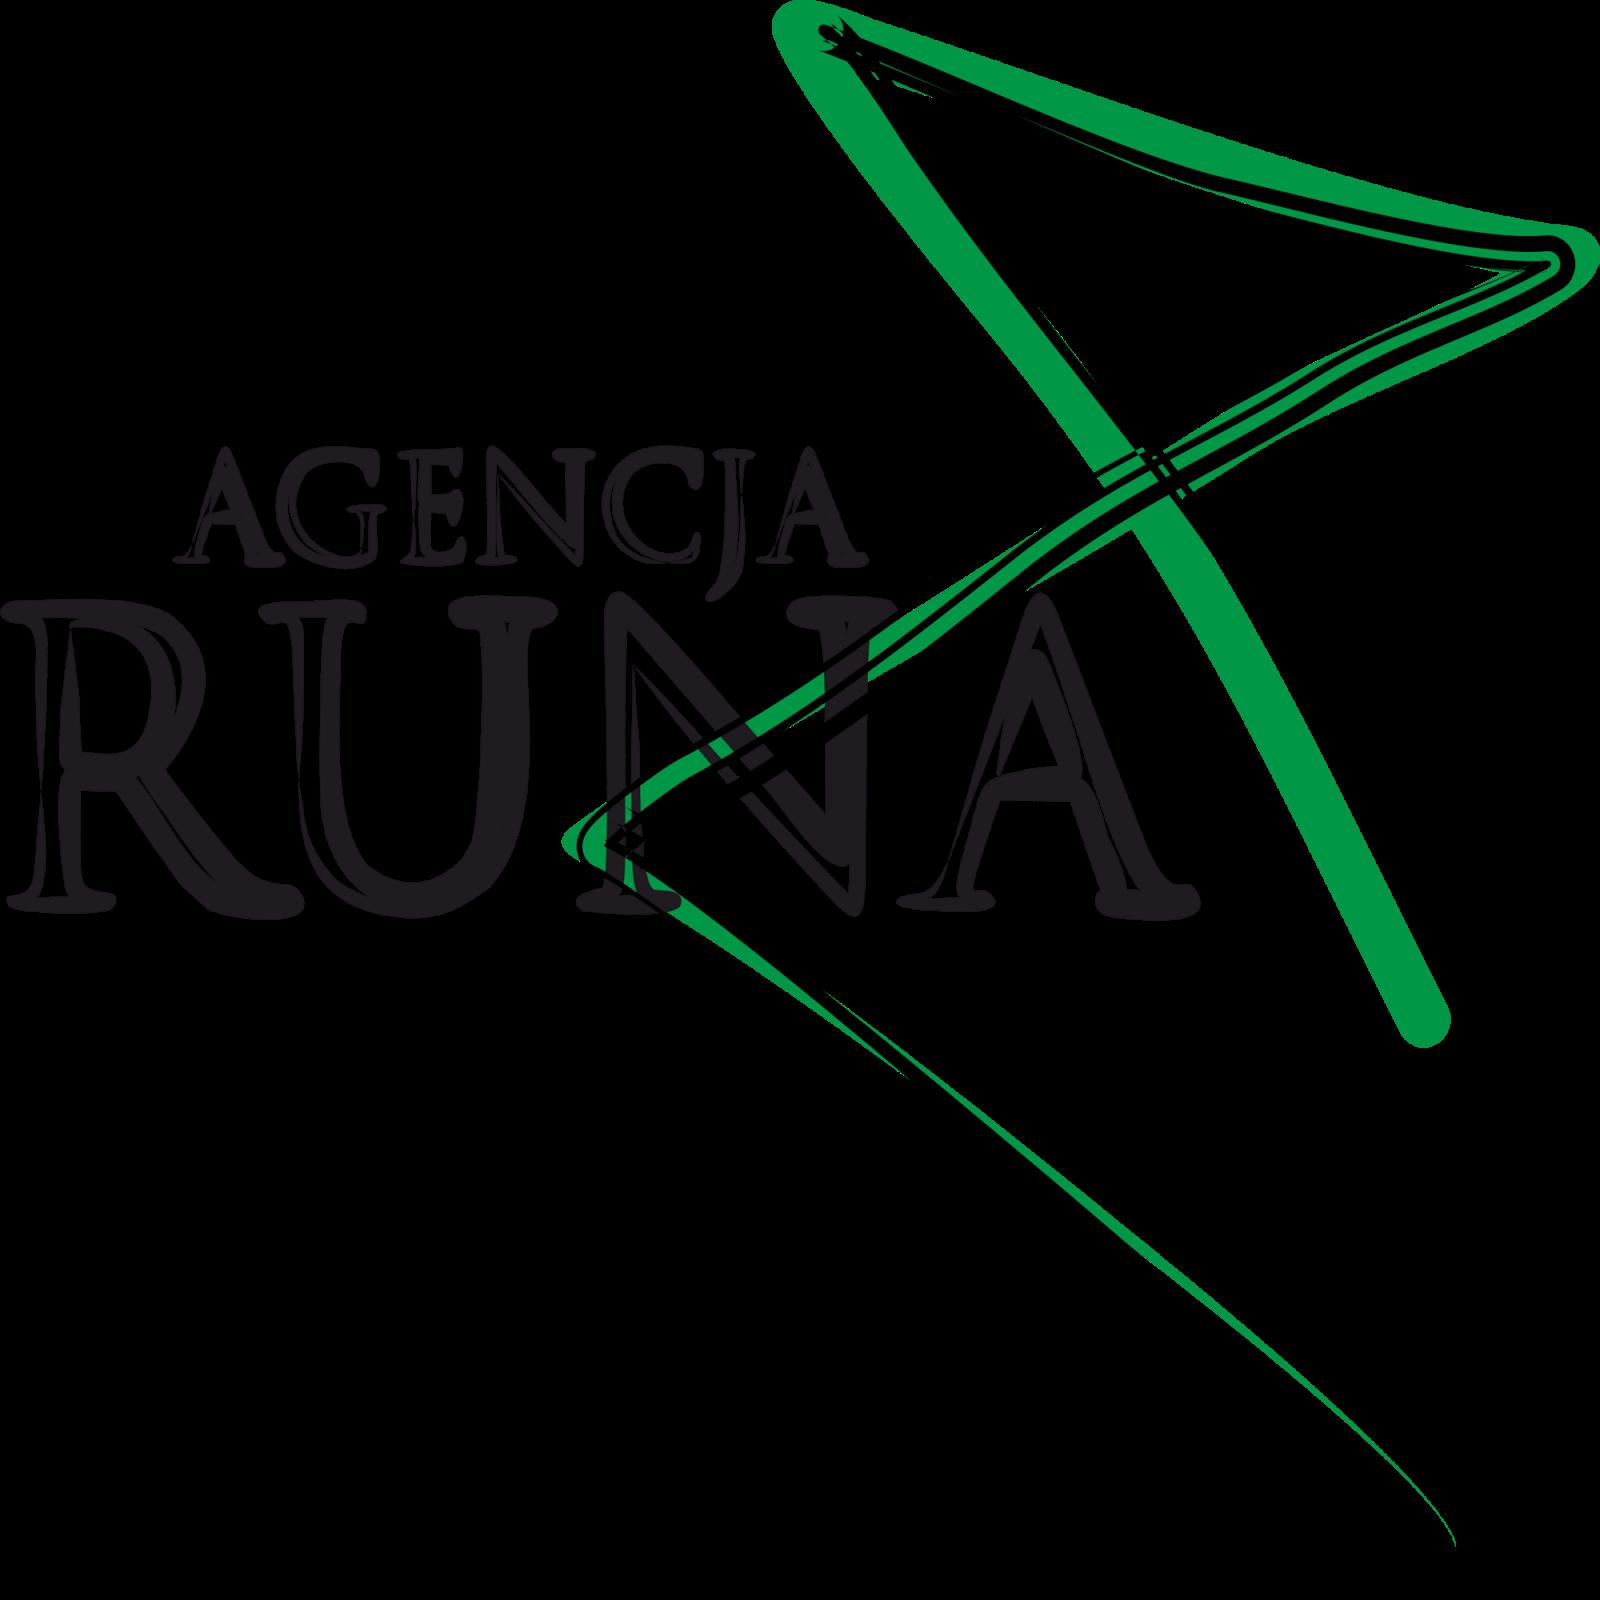 Agencja Runa